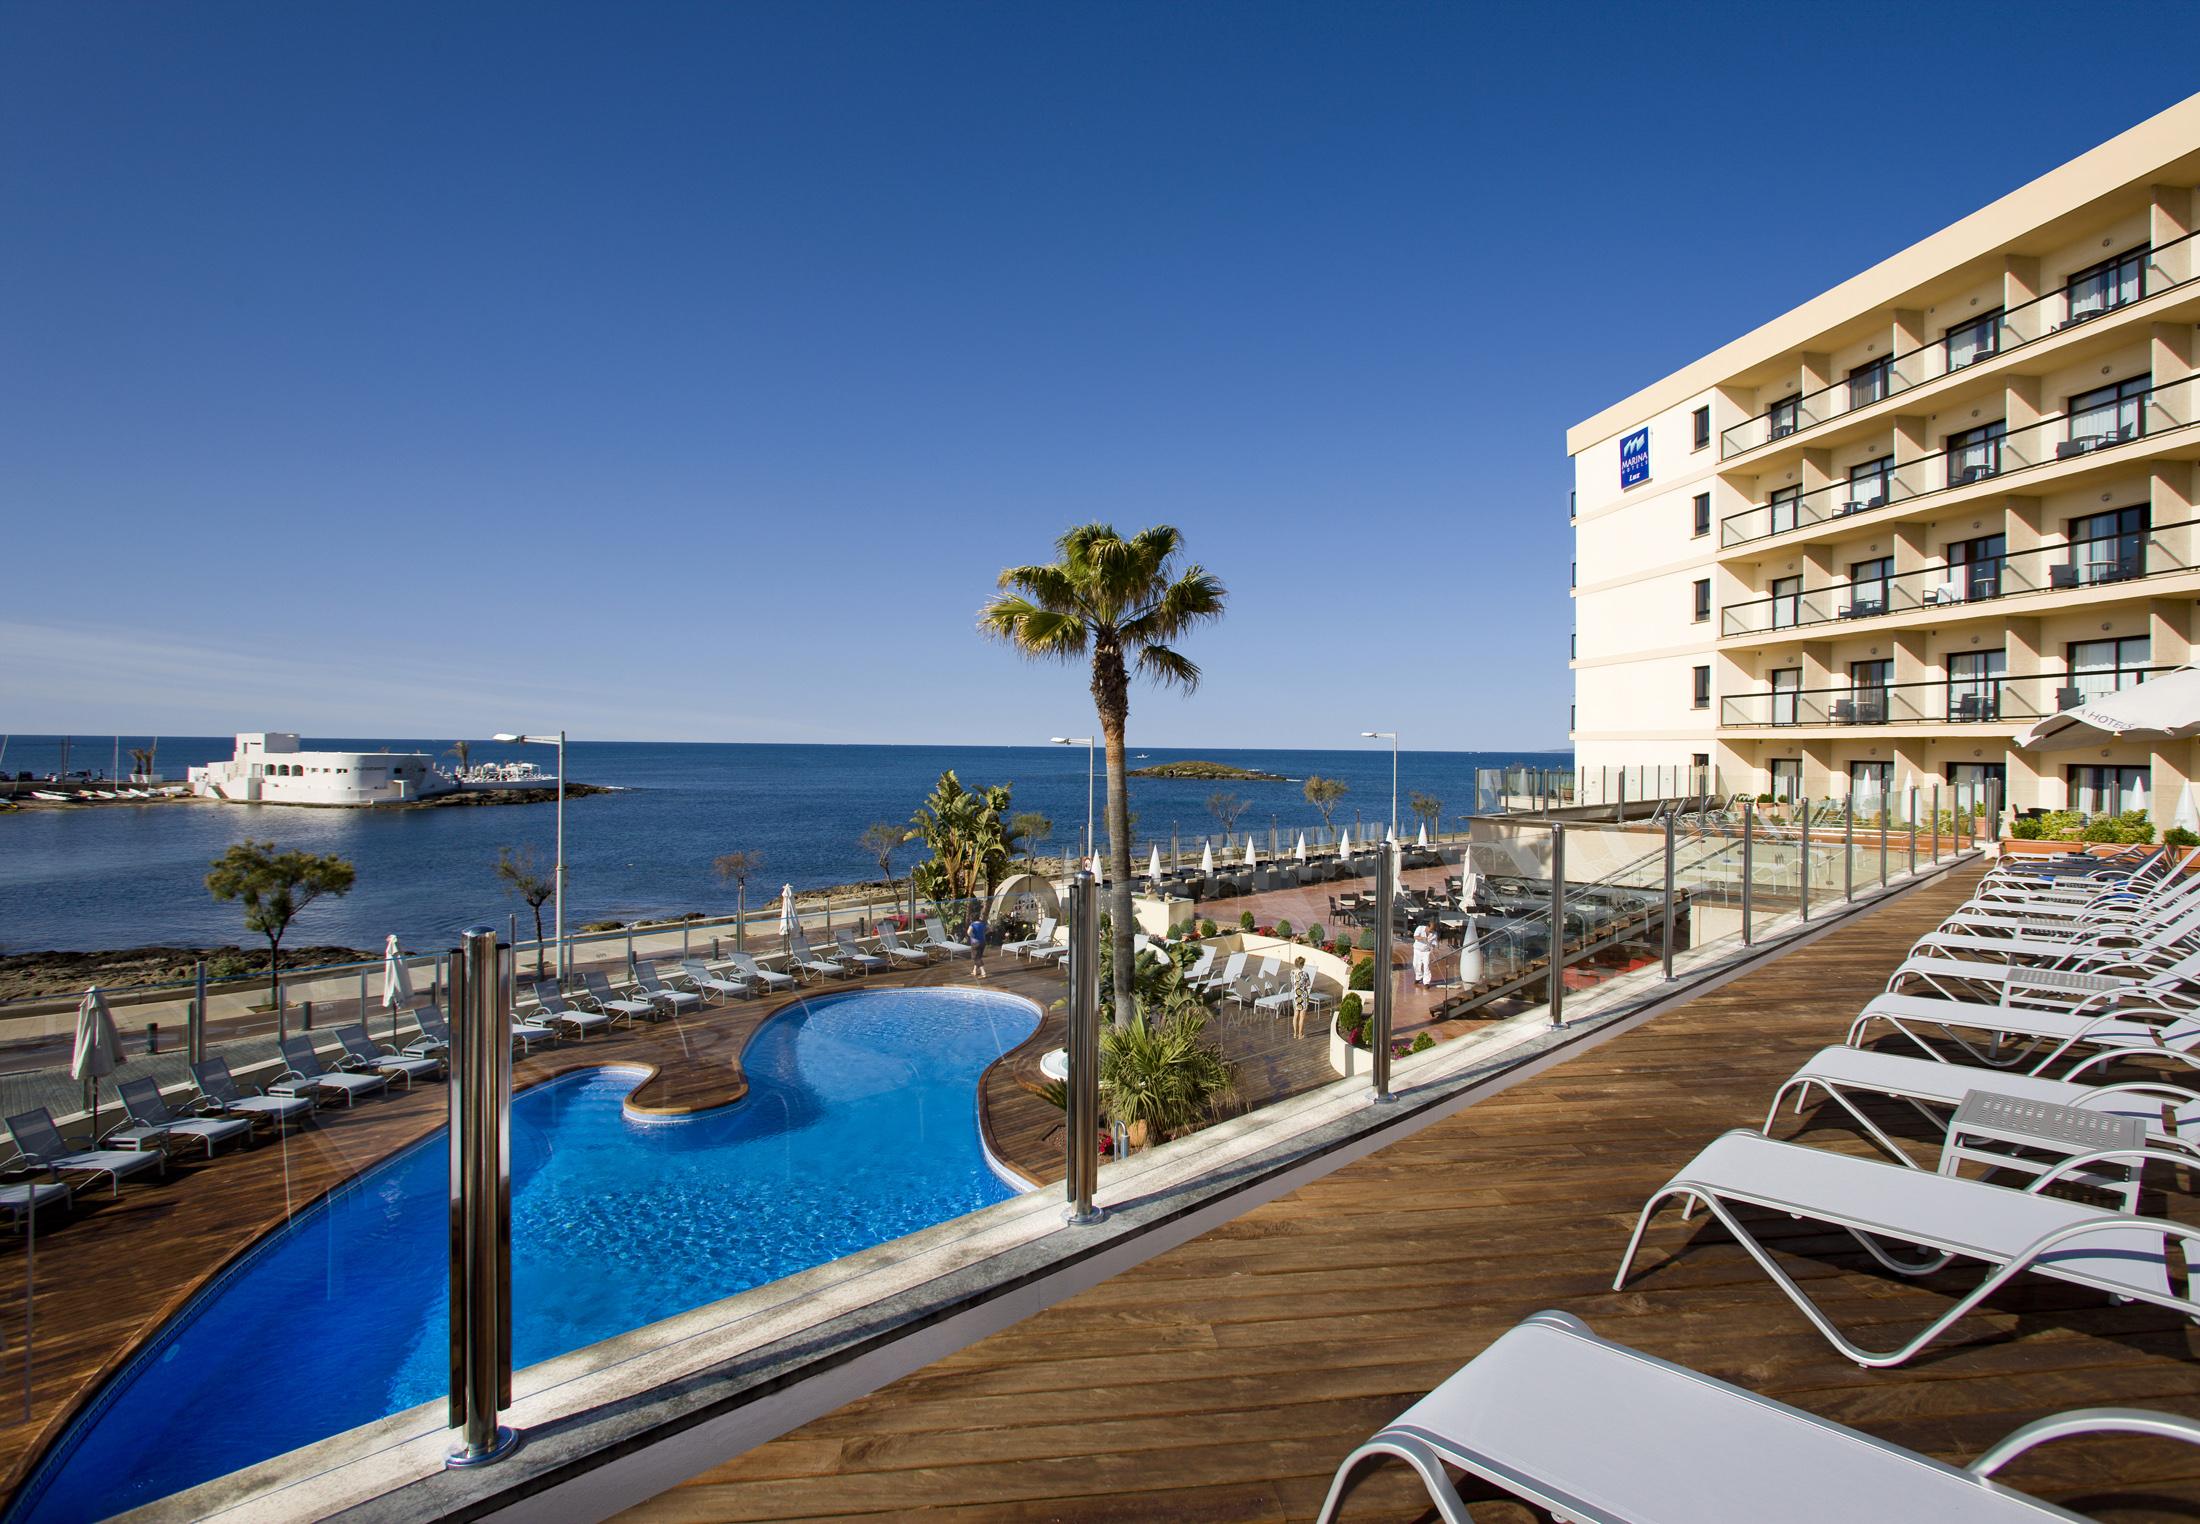 Hoteles mallorca contenido seo redacci n contenidos for Hoteles para familias en la playa